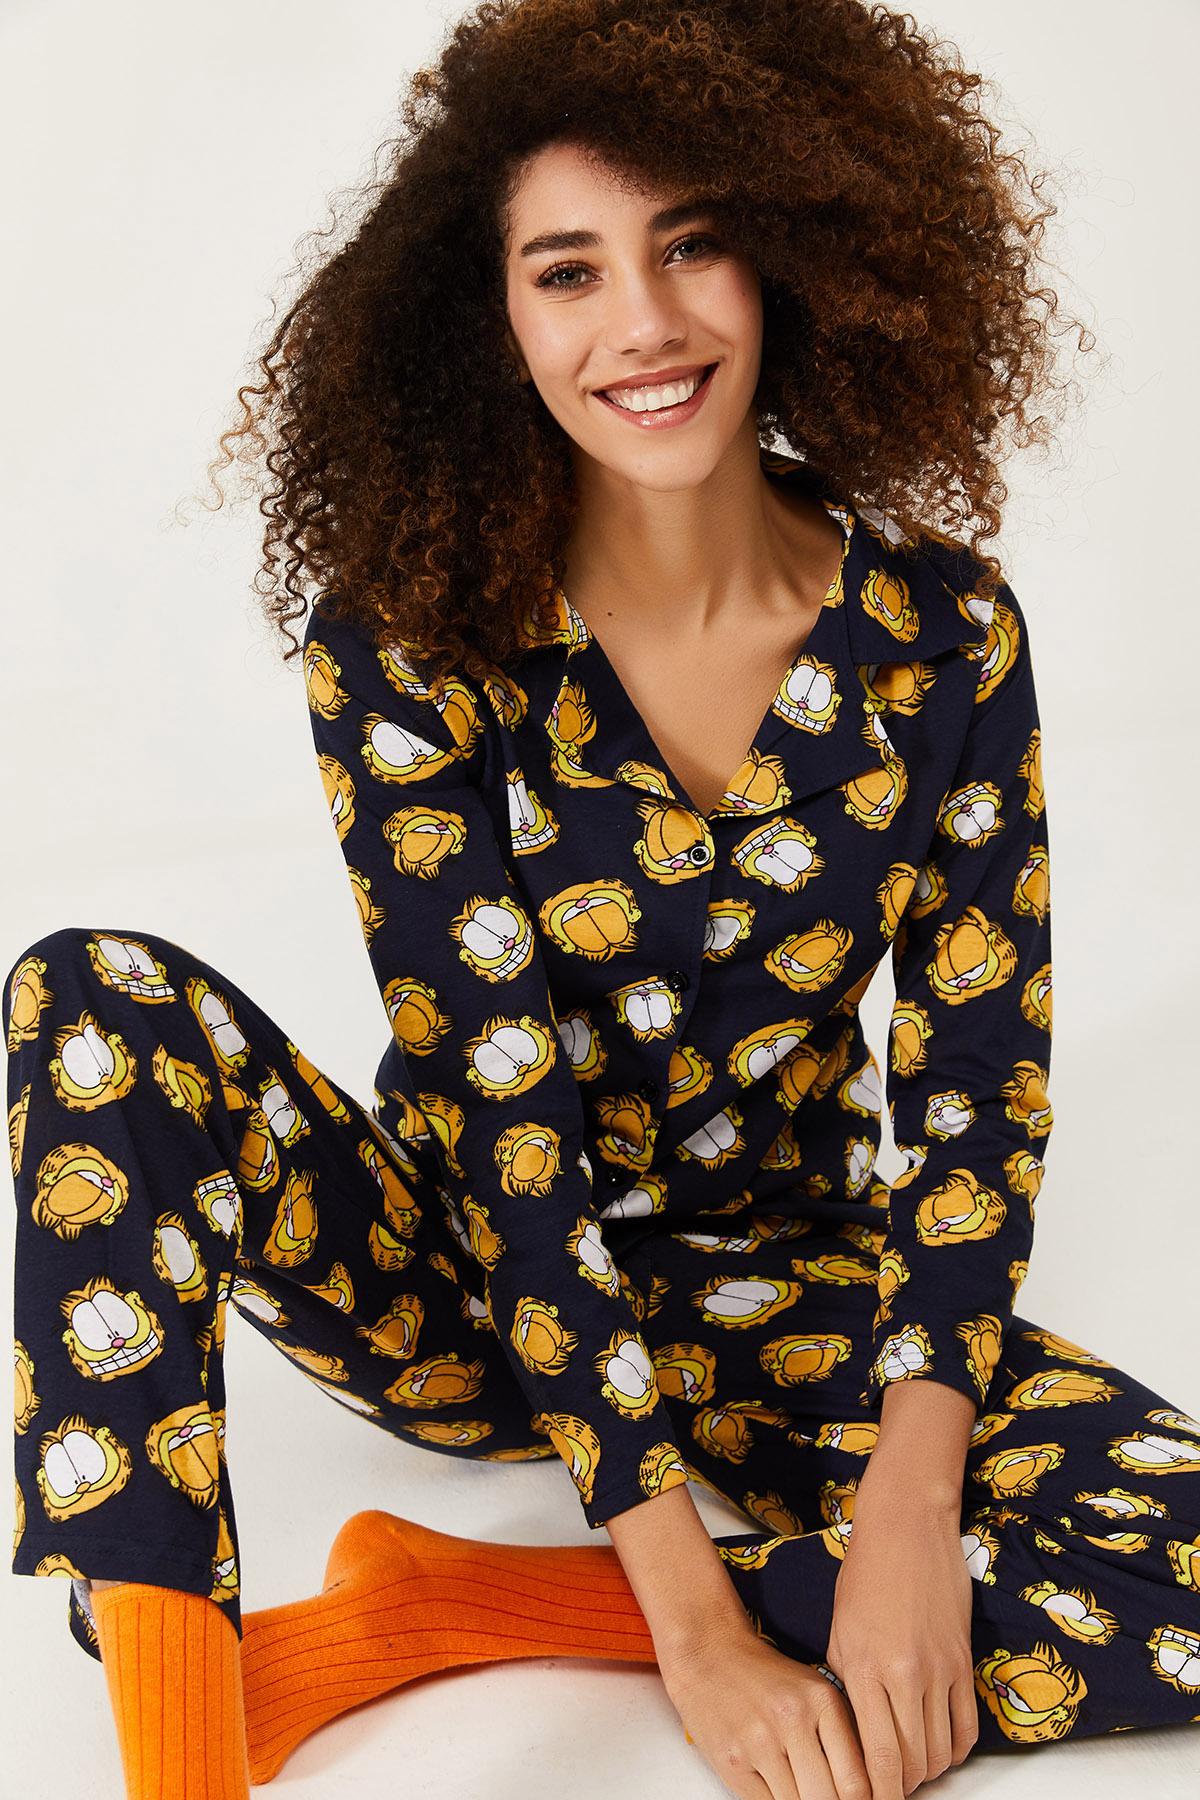 XHAN - Lacivert Garfield Baskılı Örme Pijama Takımı 1KXK8-44580-14